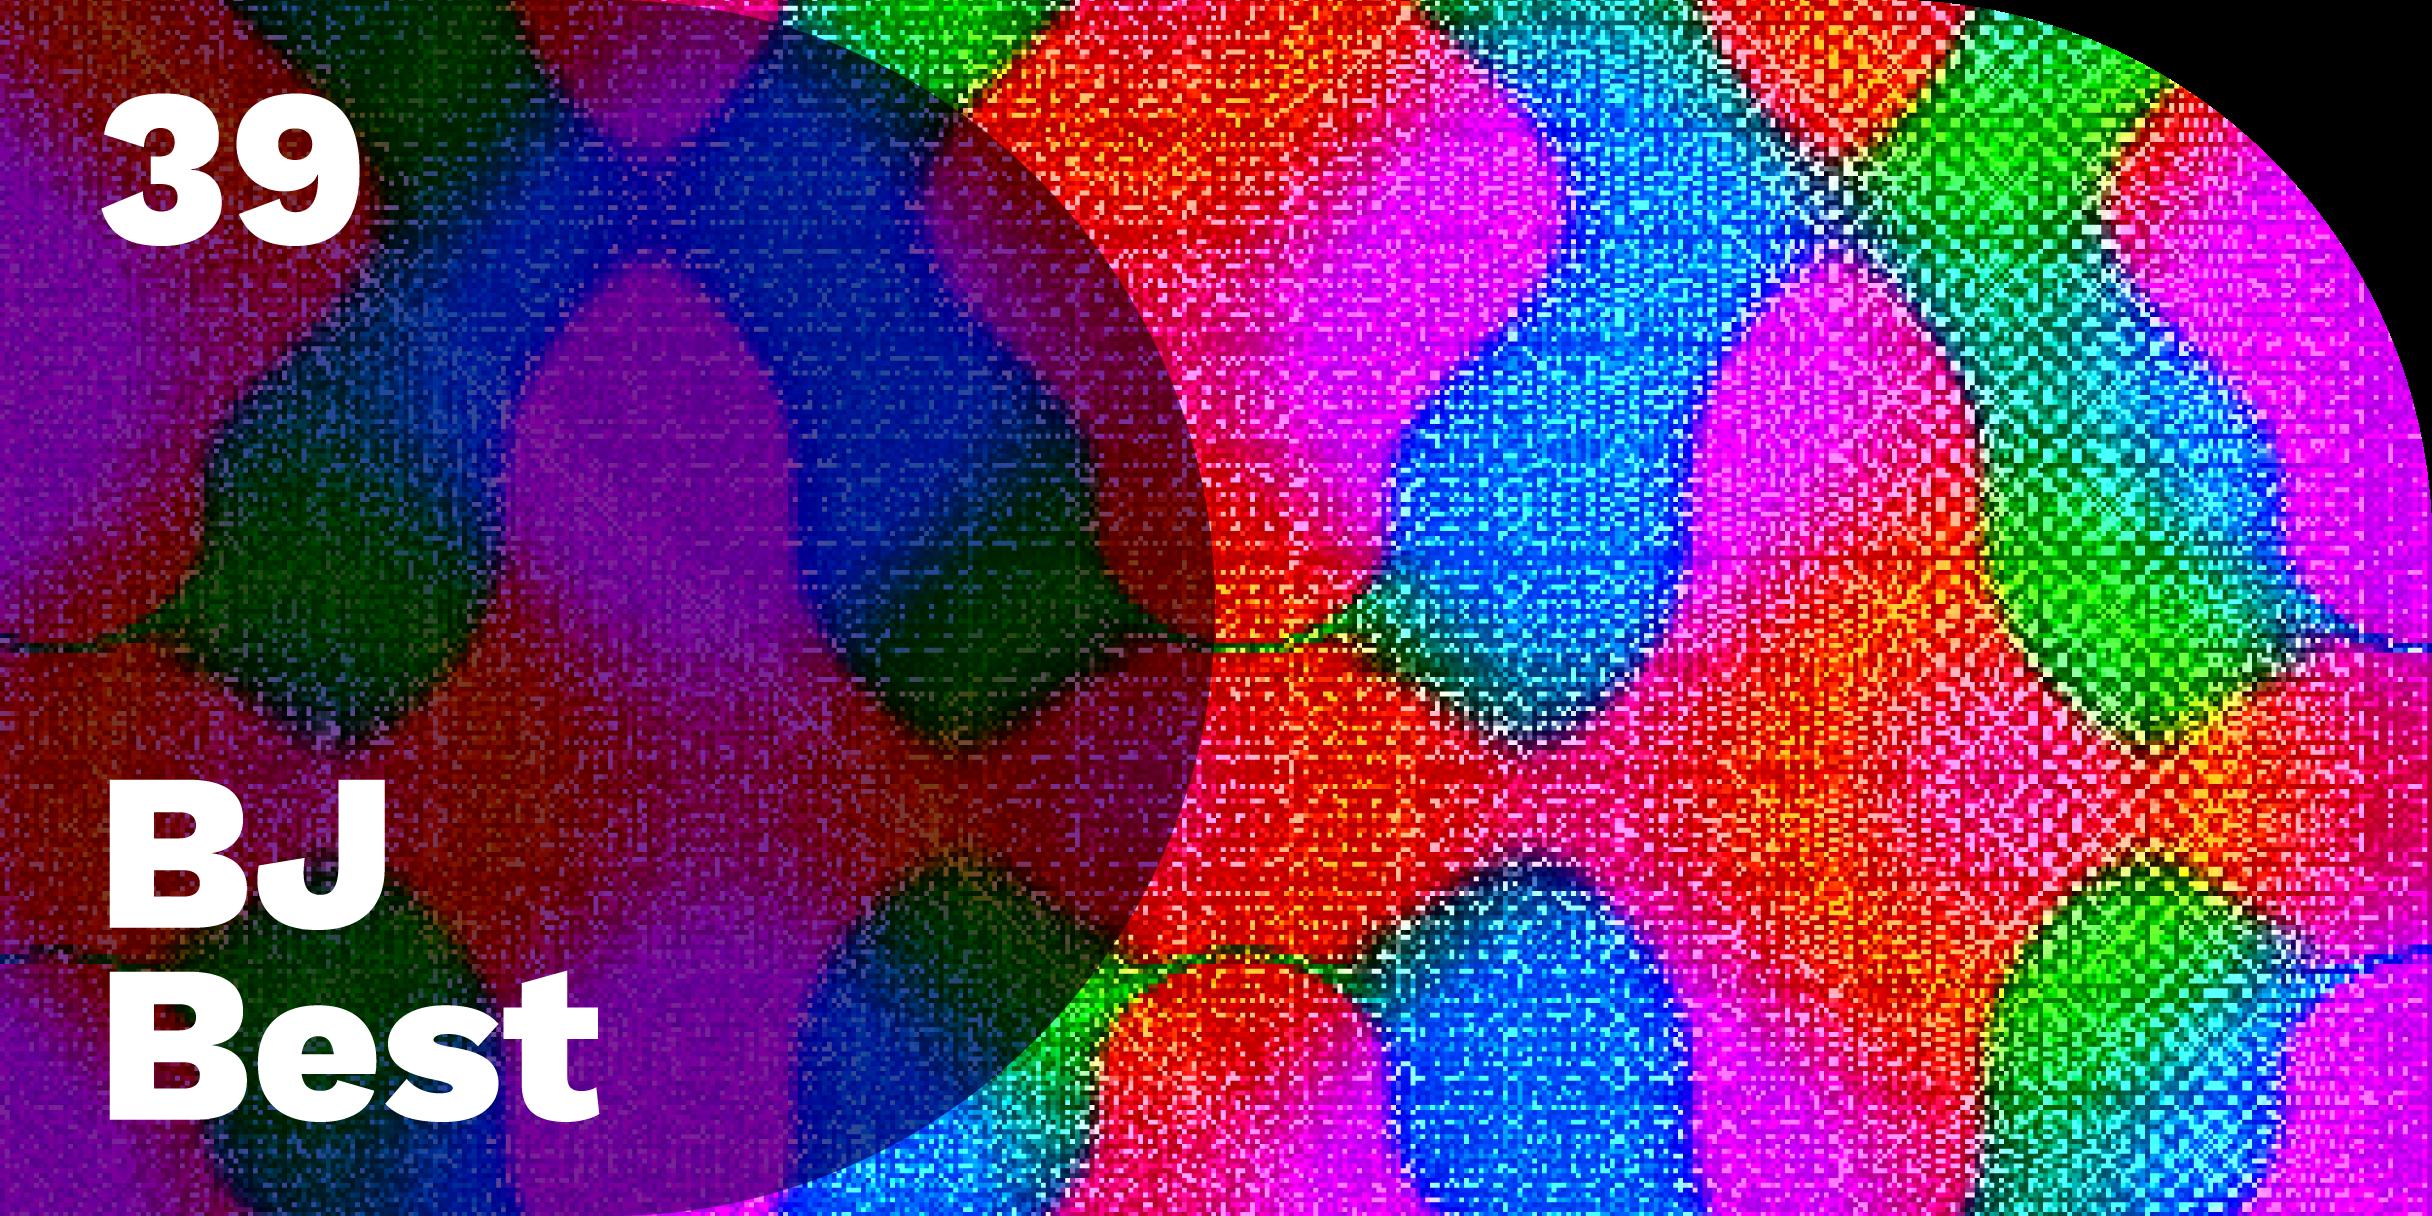 DN039_2x1